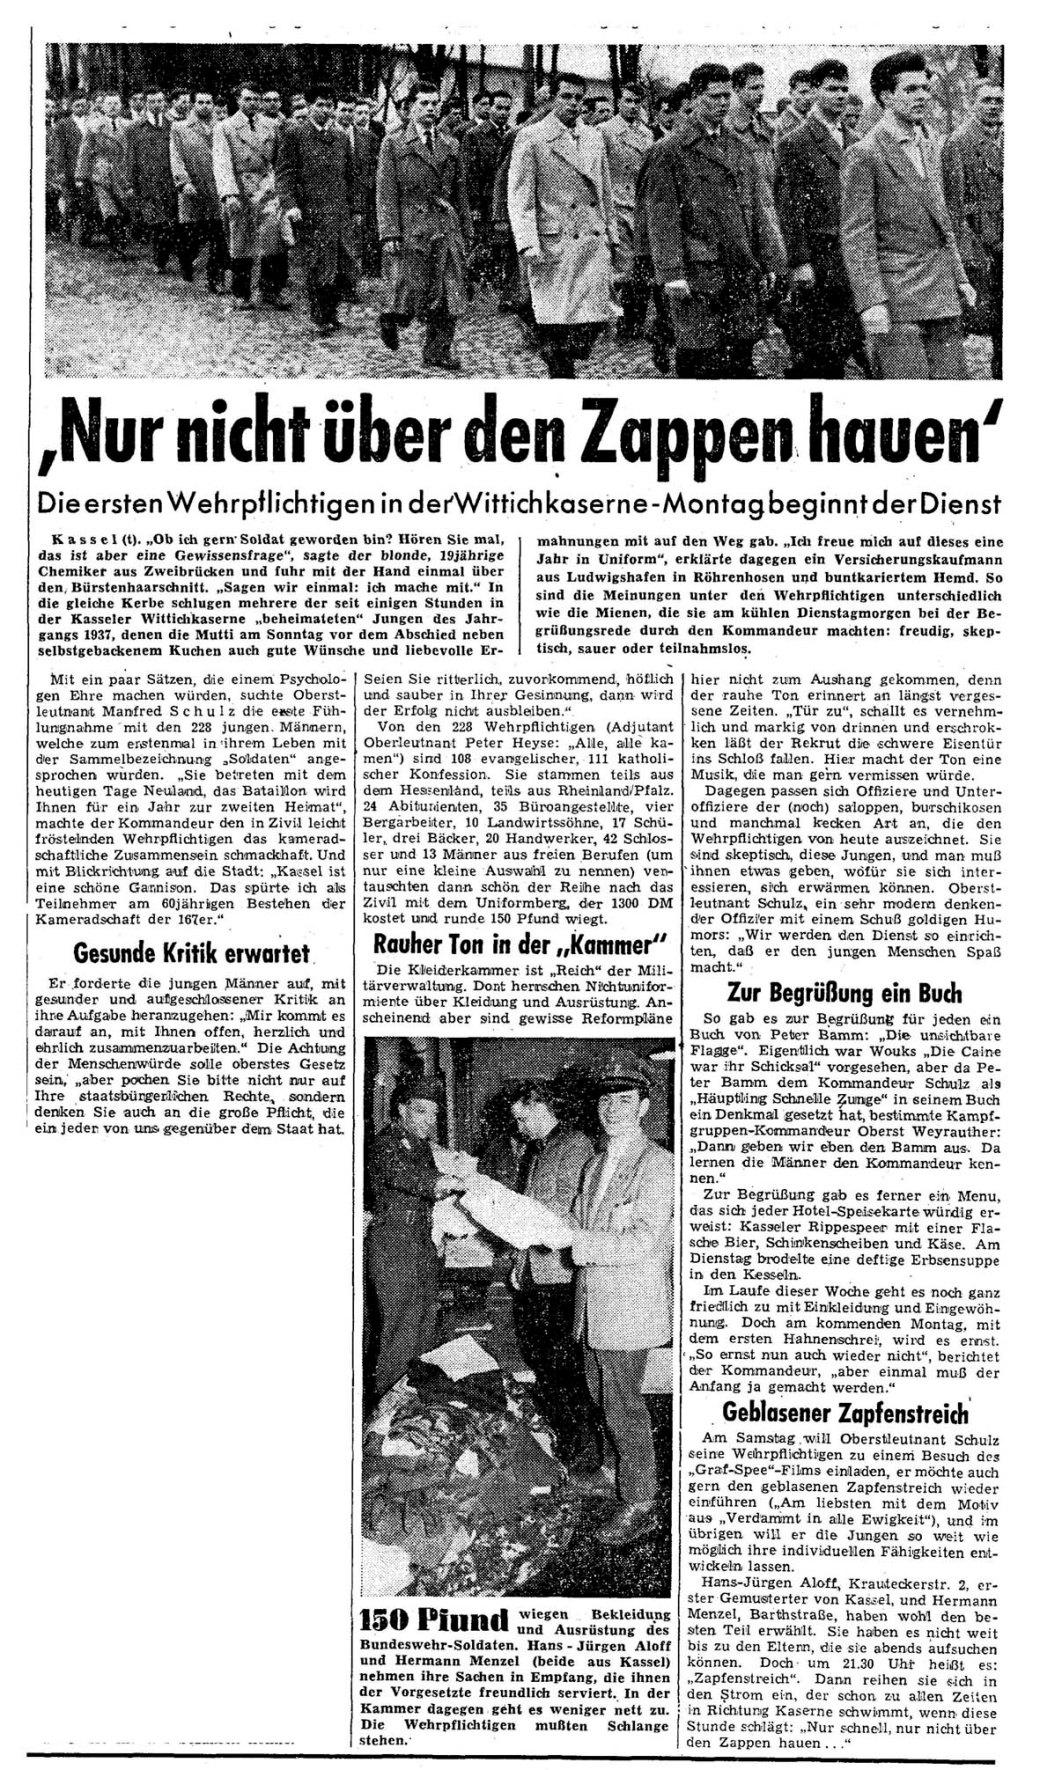 Erste Wehrpflichtige_HNA-KSS_1957-04-03_005.jpg